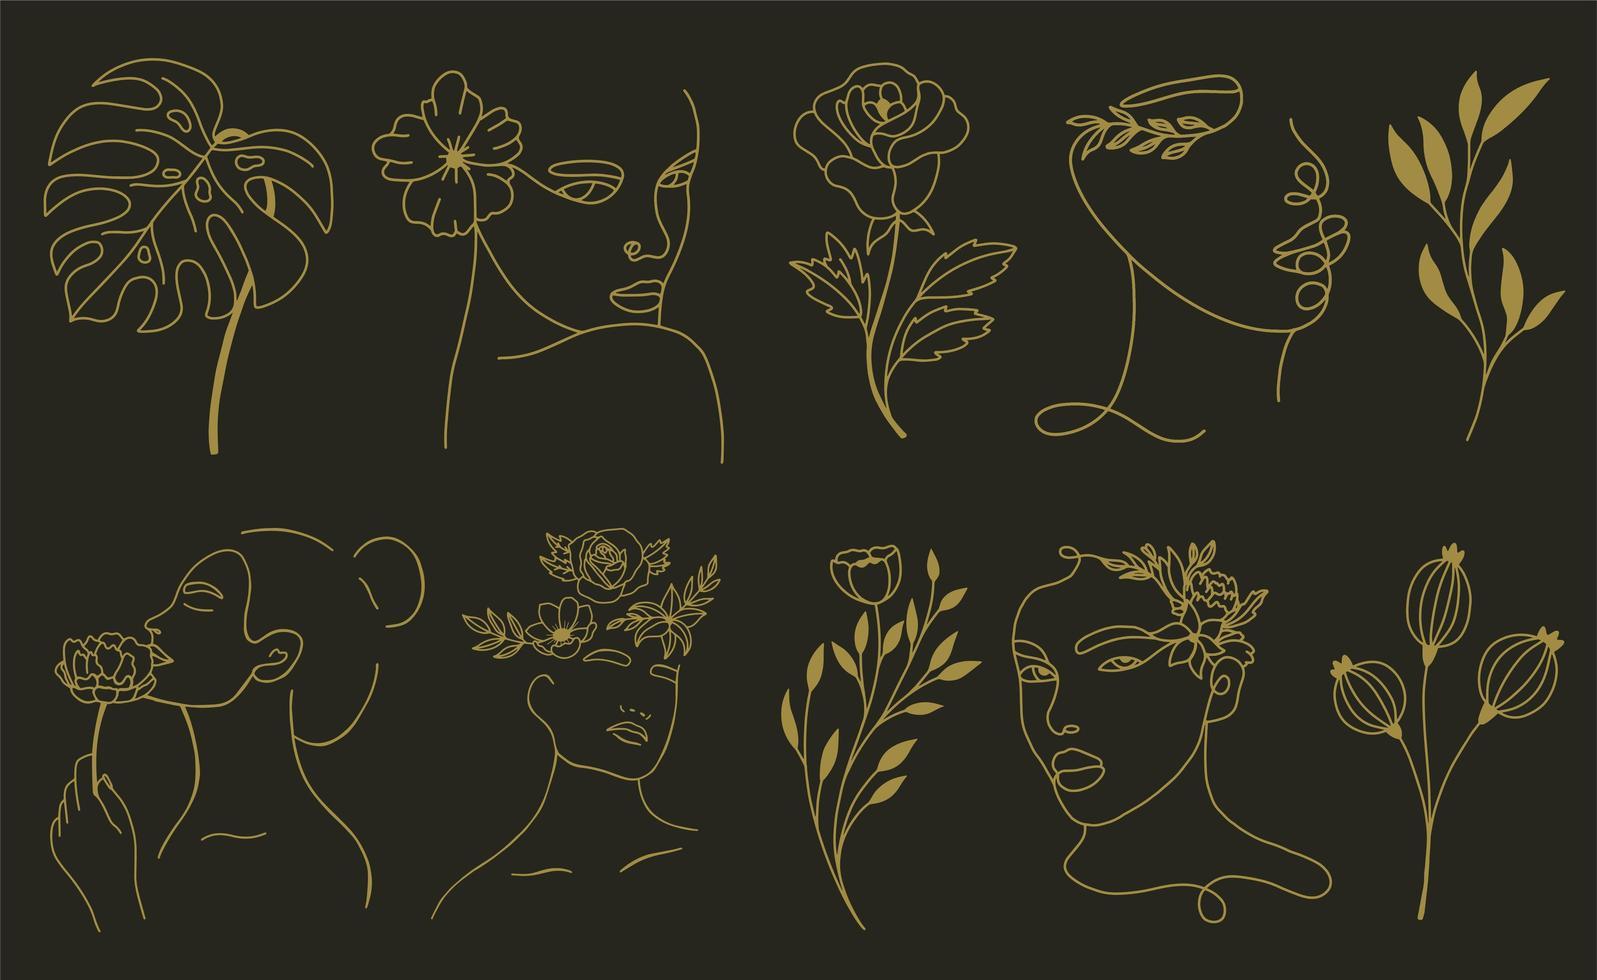 conjunto de elementos abstractos de hojas y flores de cara vector